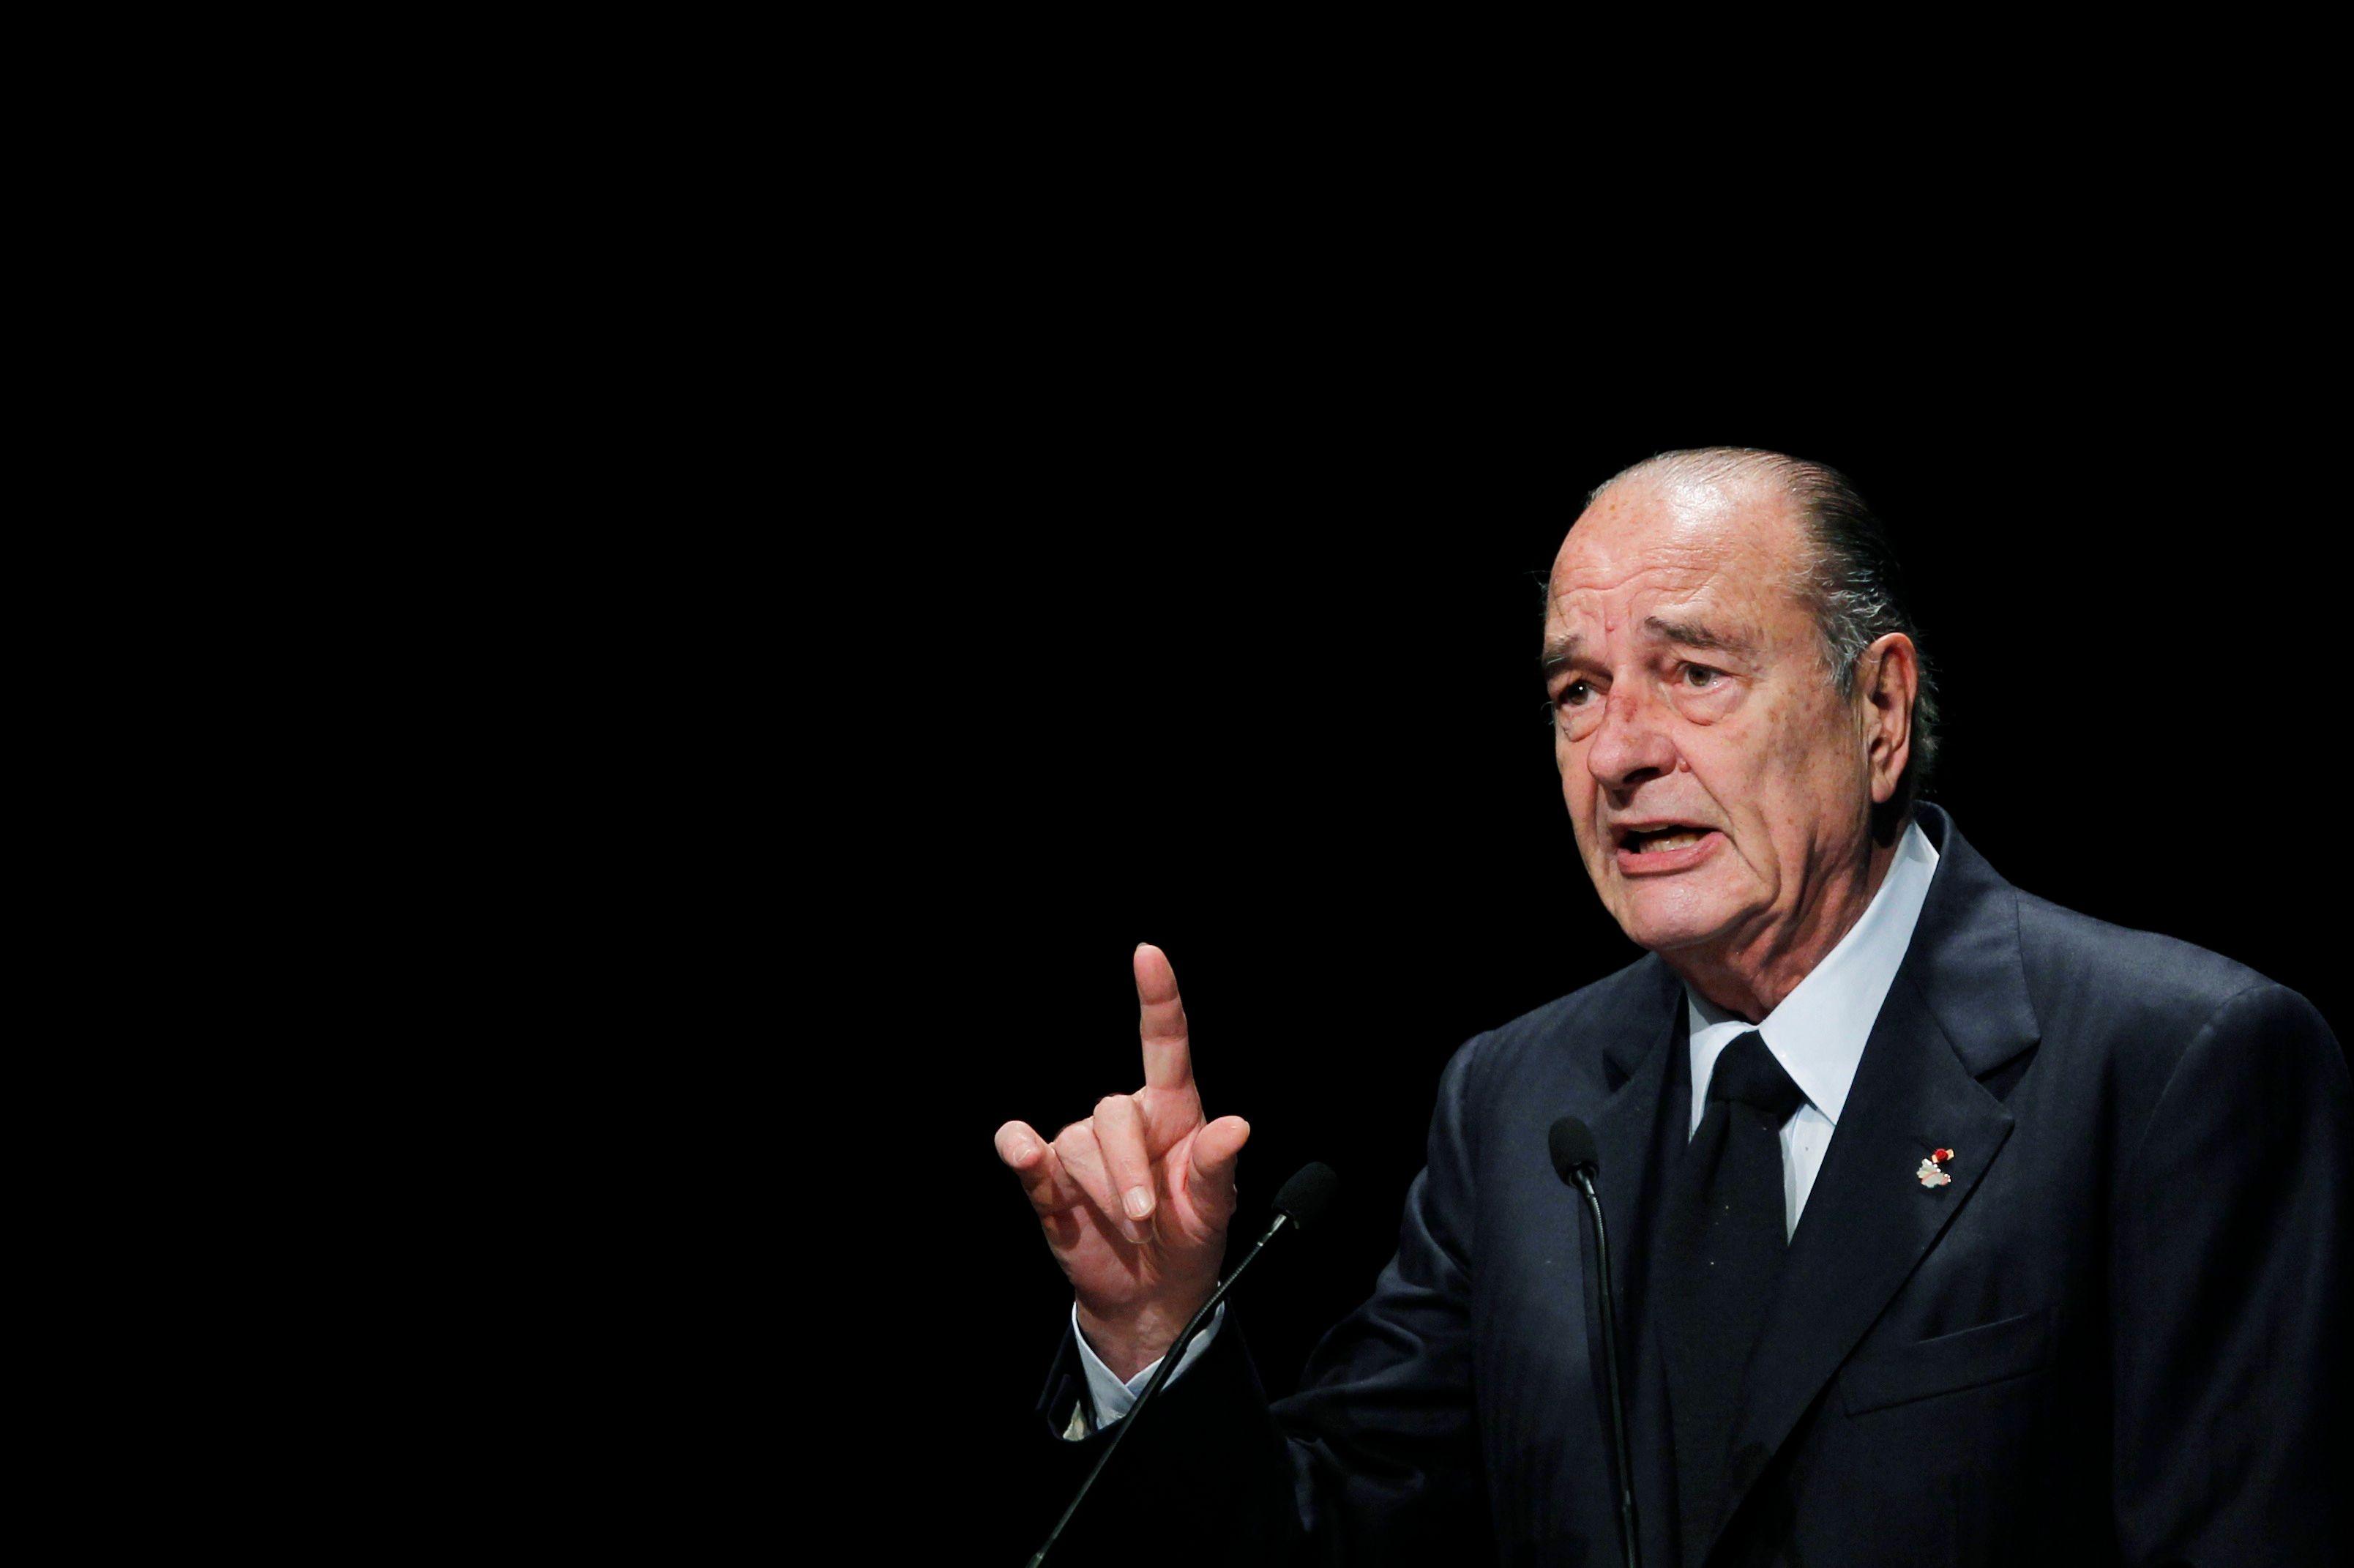 Le coming out radical (de gauche)  de Chirac